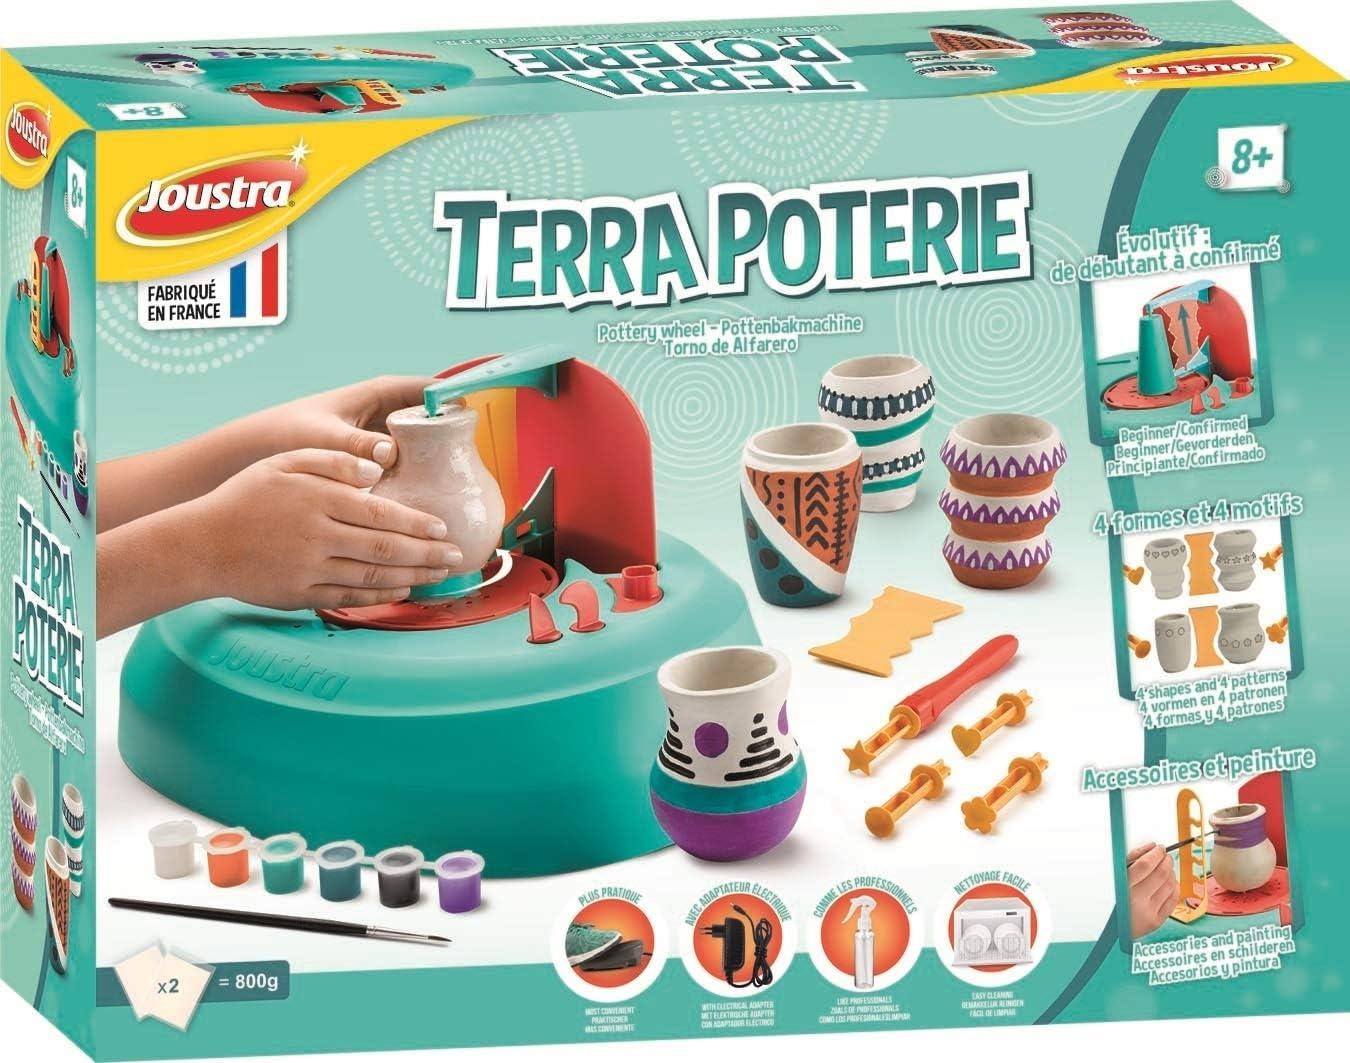 Joustra- Terra POTERIE Juego cerámica para niños a Partir de 8 años y Principiantes, para Manualidades y Trabajos manuales Infantiles, Multicolor (41200)